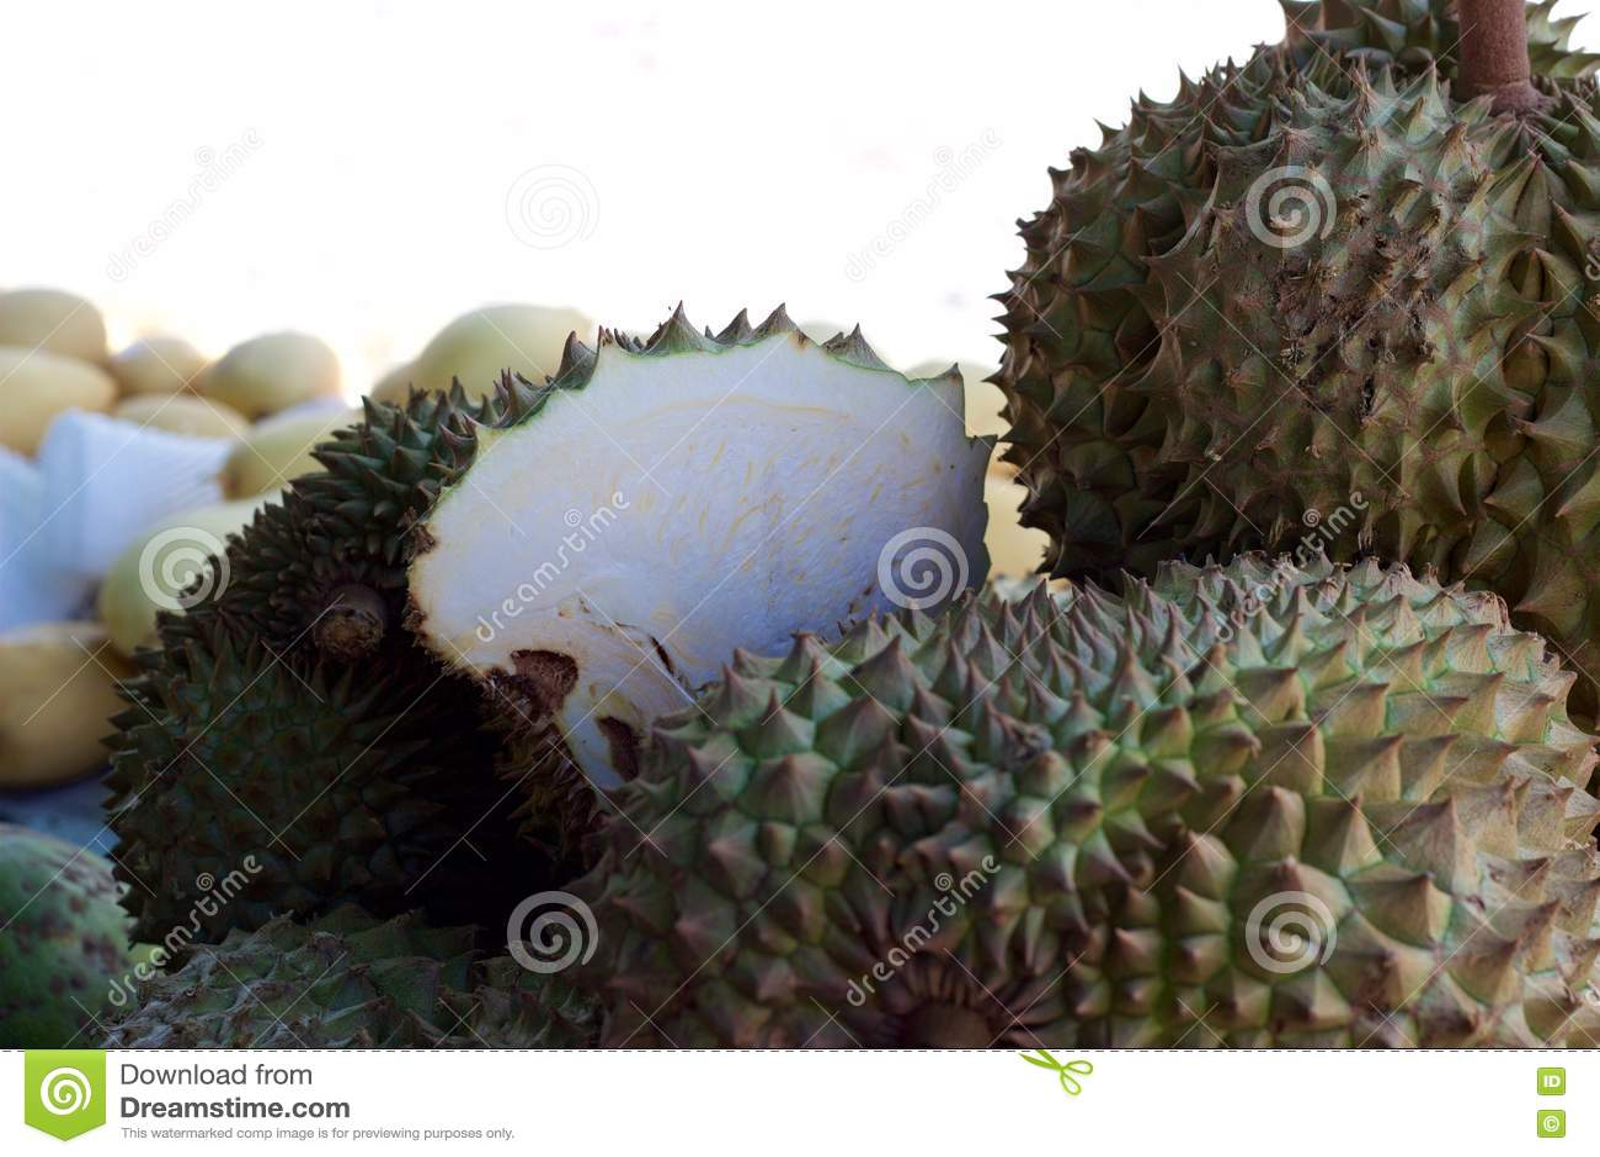 Mercado de la comida de Phuket, Tailandia: durian fresco para la venta en el soporte de fruta